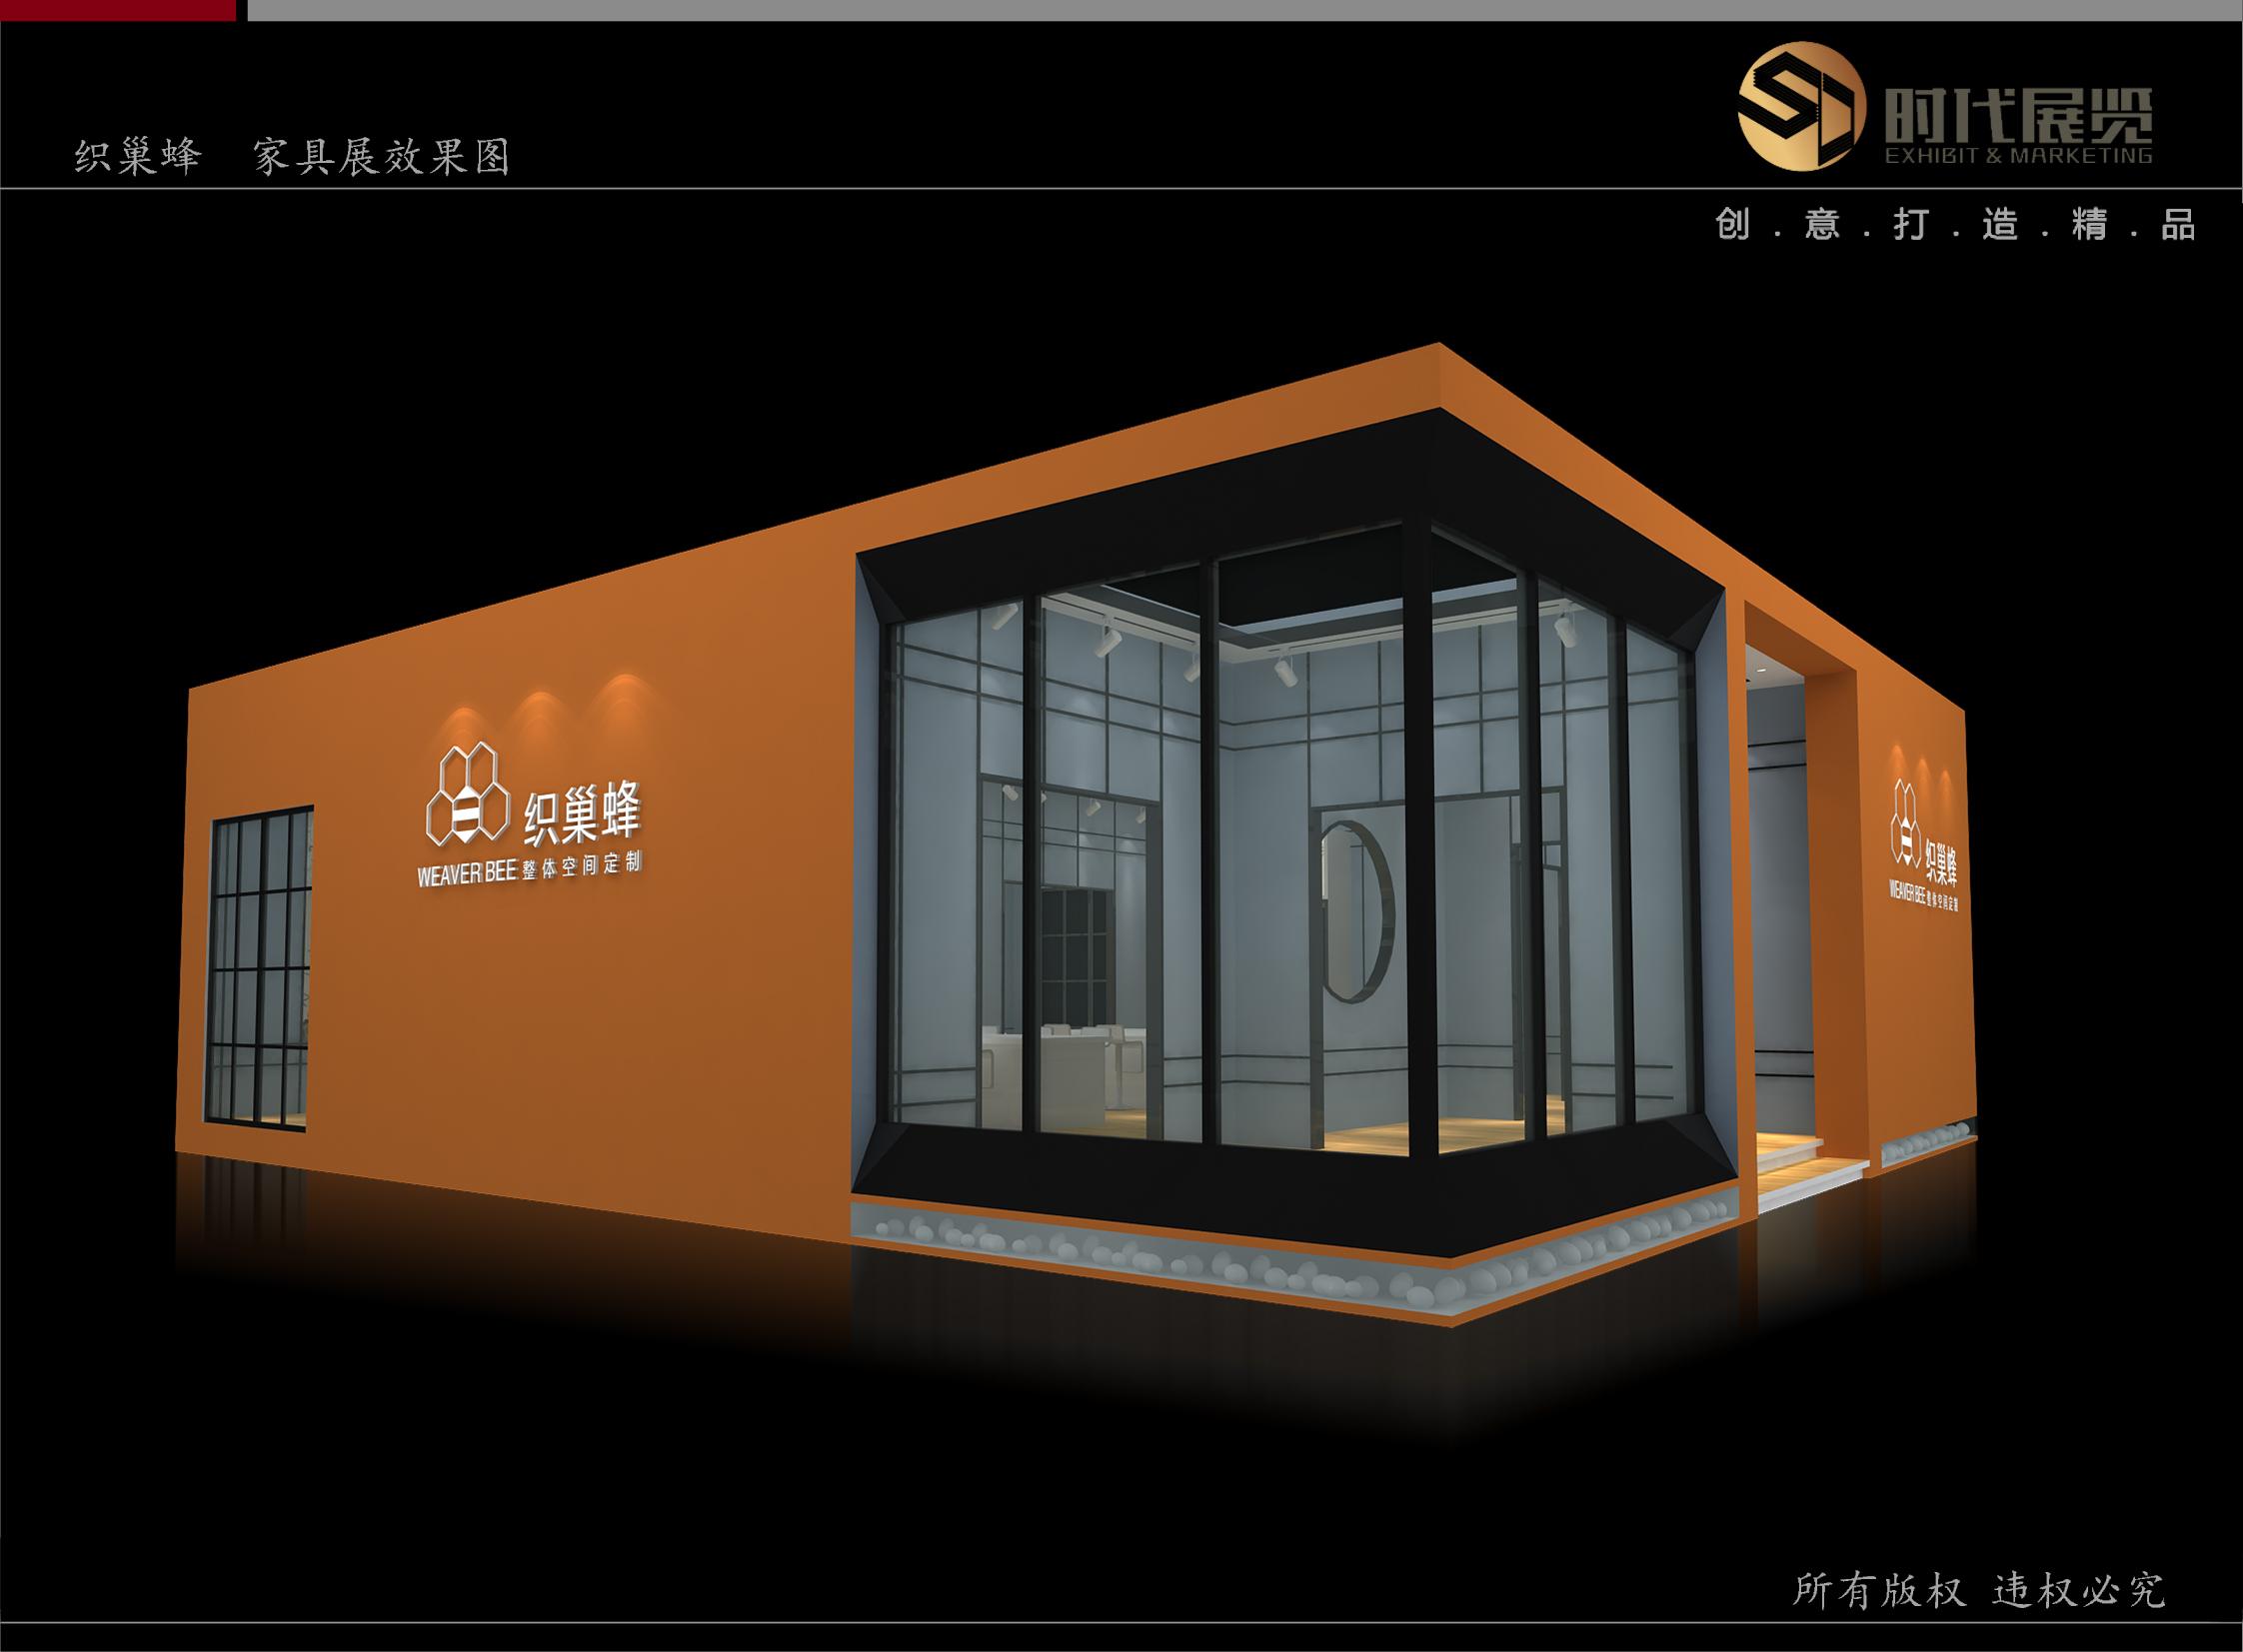 上海墙纸布艺展织巢蜂